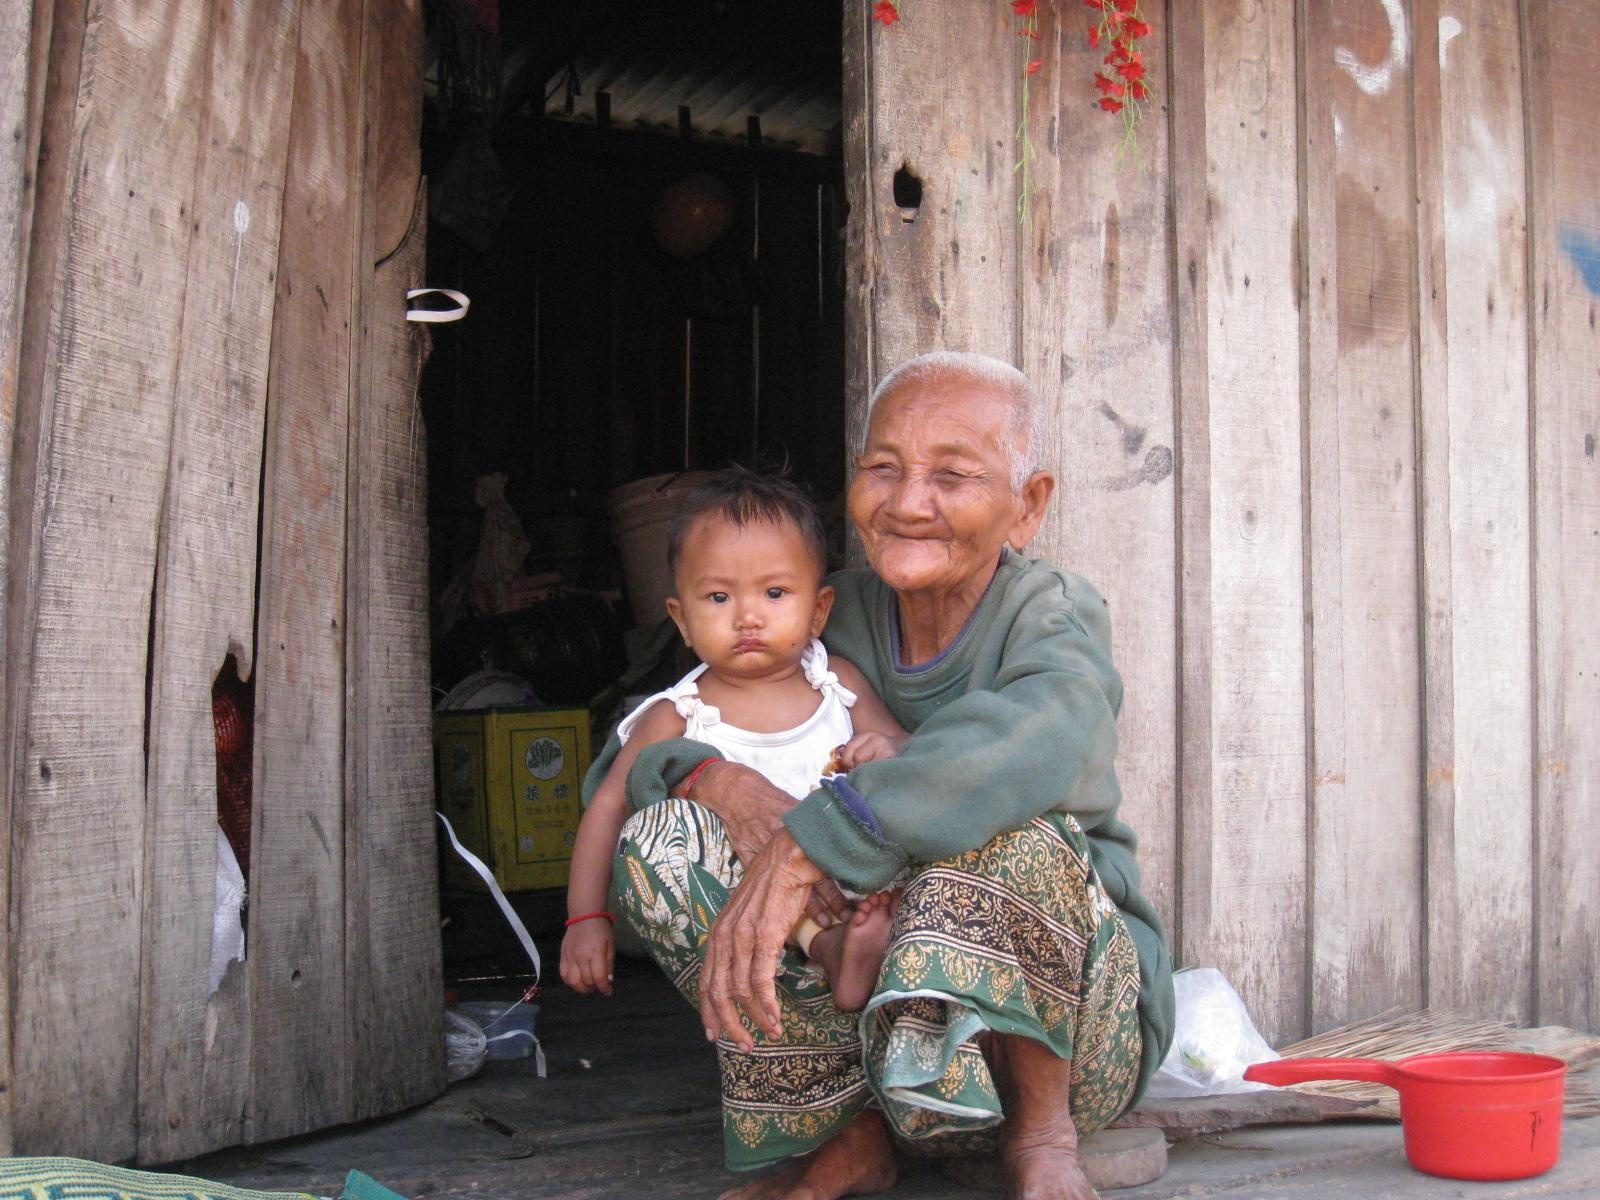 Une veille dame et son petit-enfant devant leur habitation dans une zone de grande pauvreté